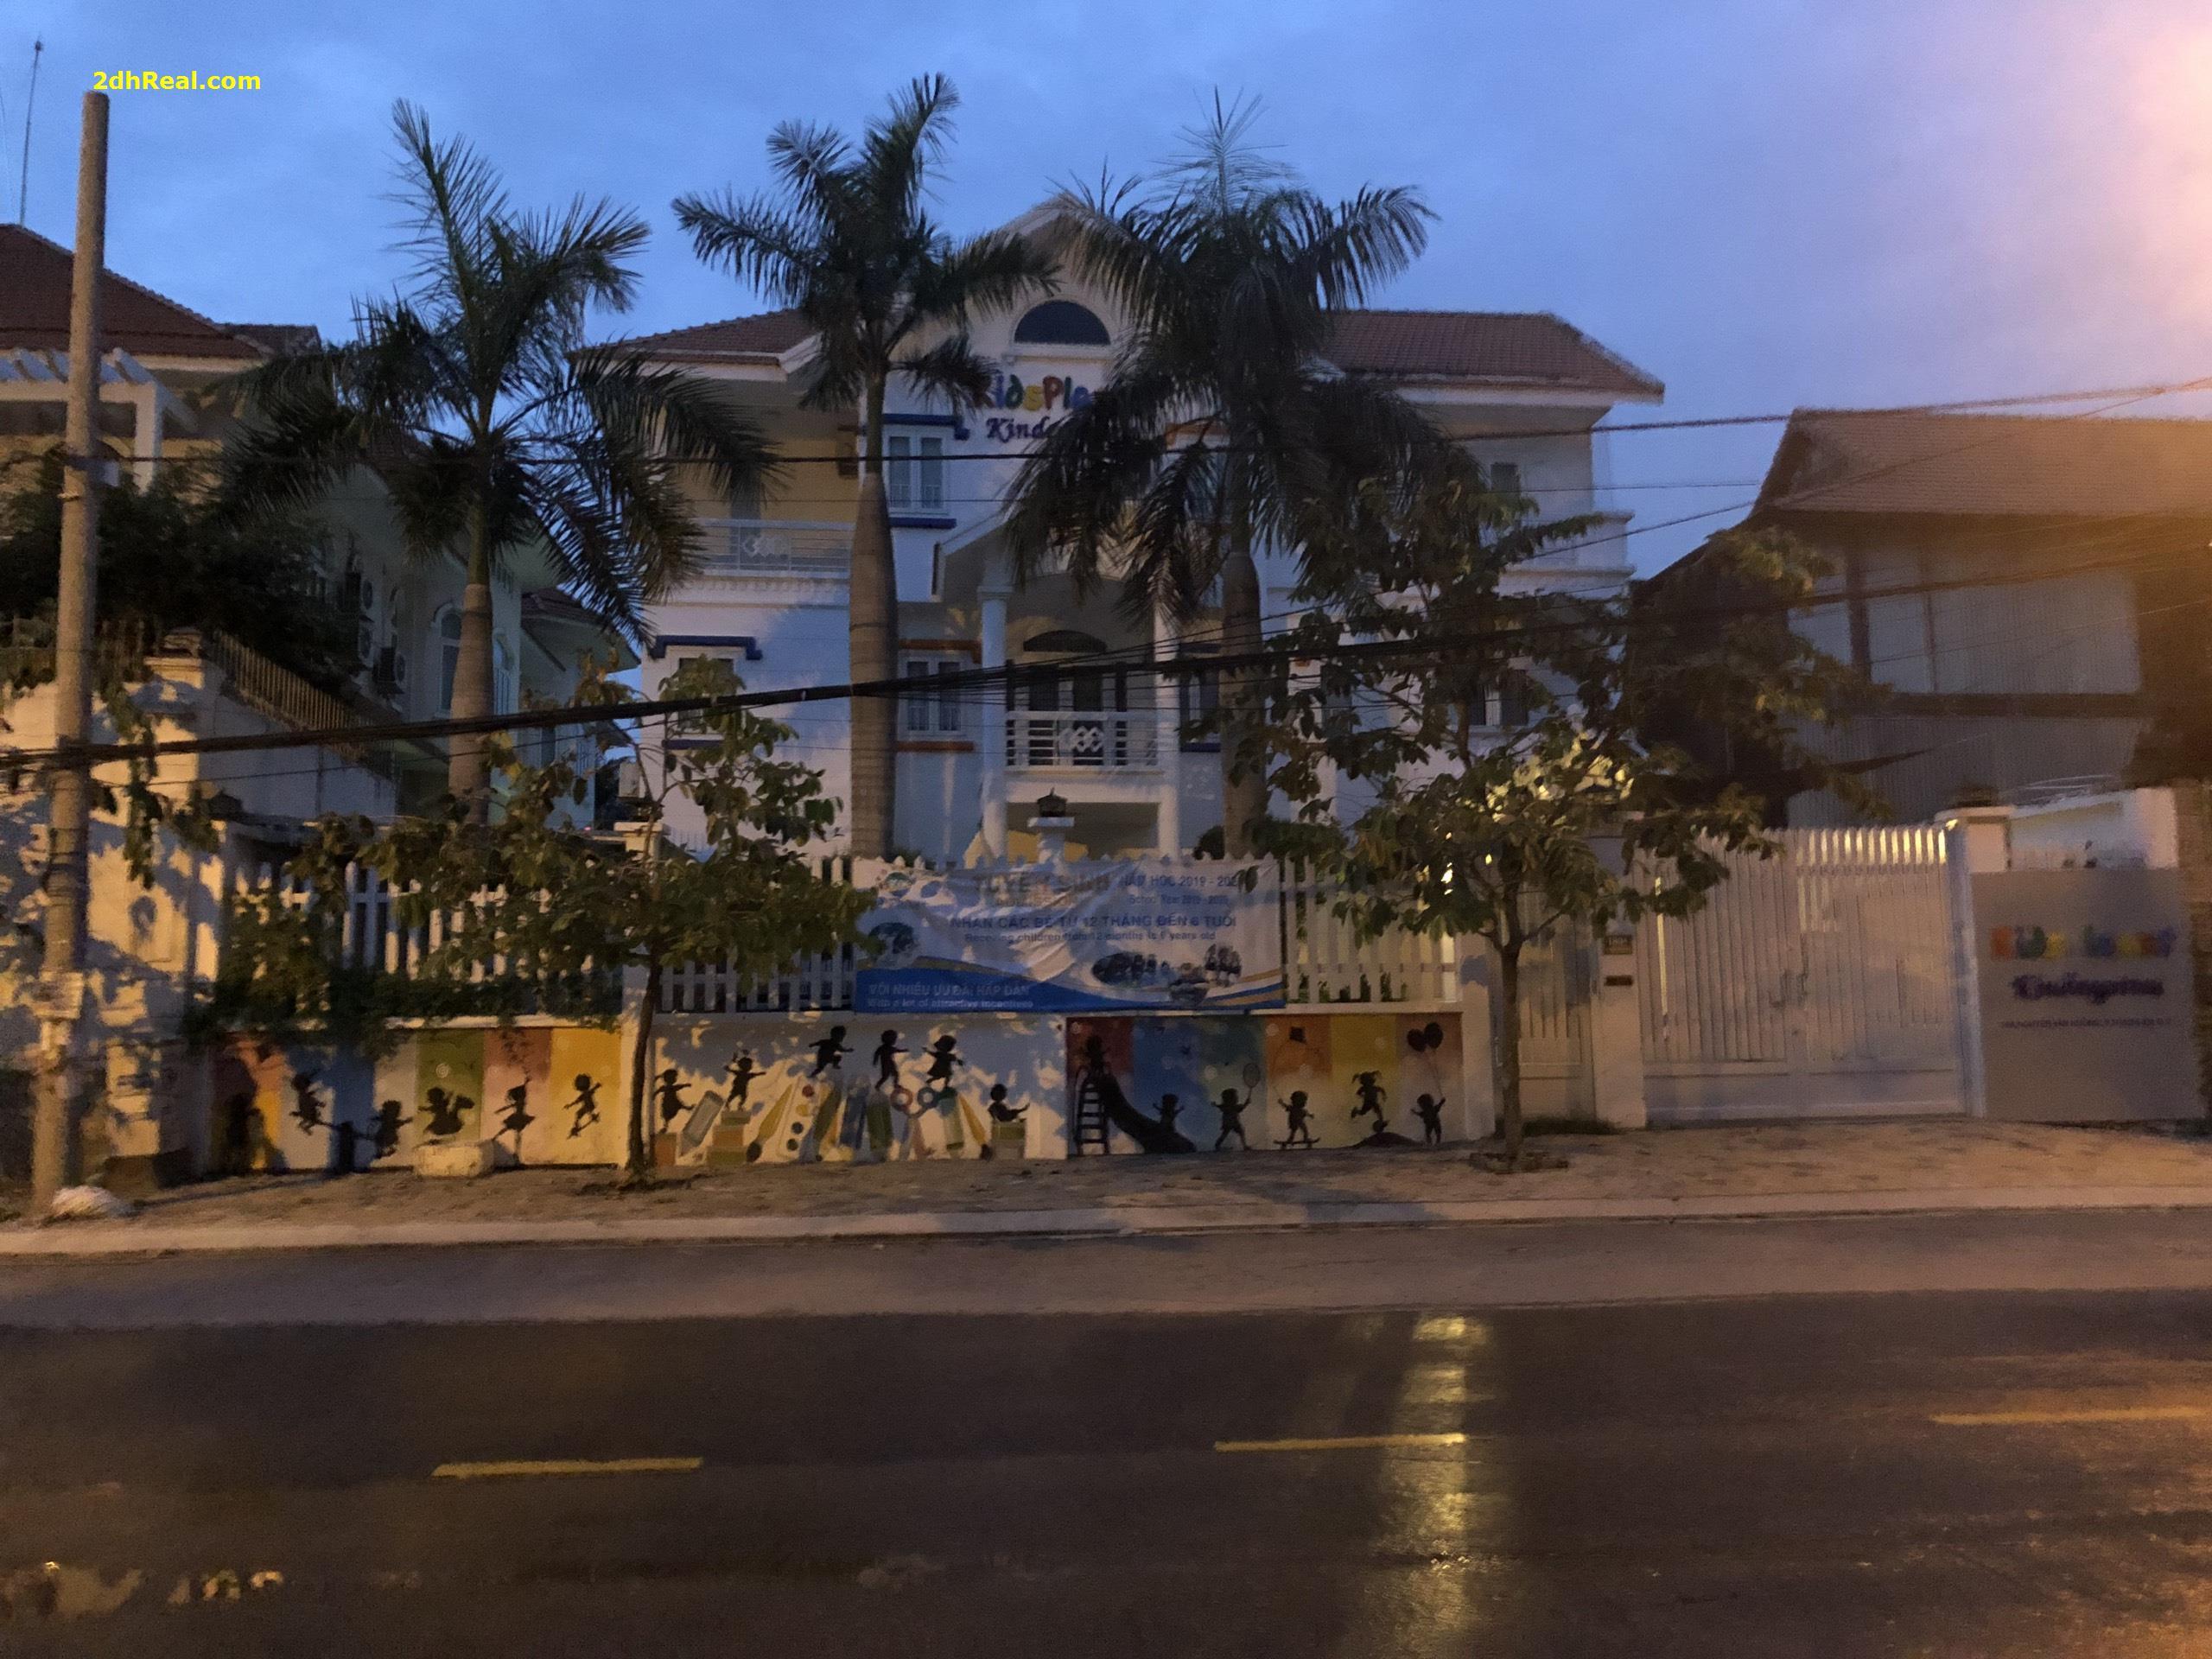 Chuyển nhượng khu đất 1.200m2 đường Điện Biên Phủ quận Bình Thạnh